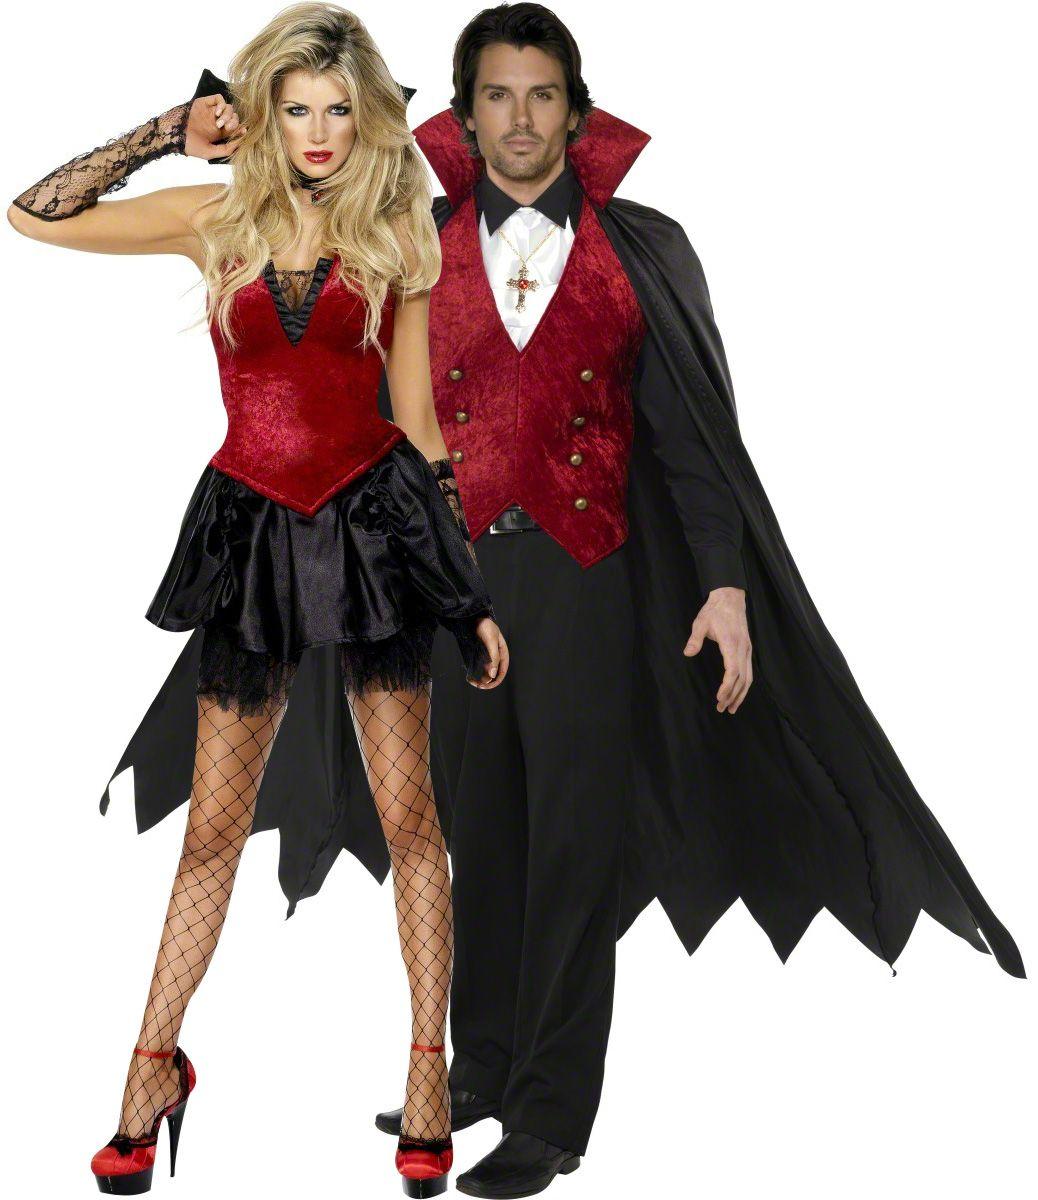 disfraces de halloween para parejas imagenes